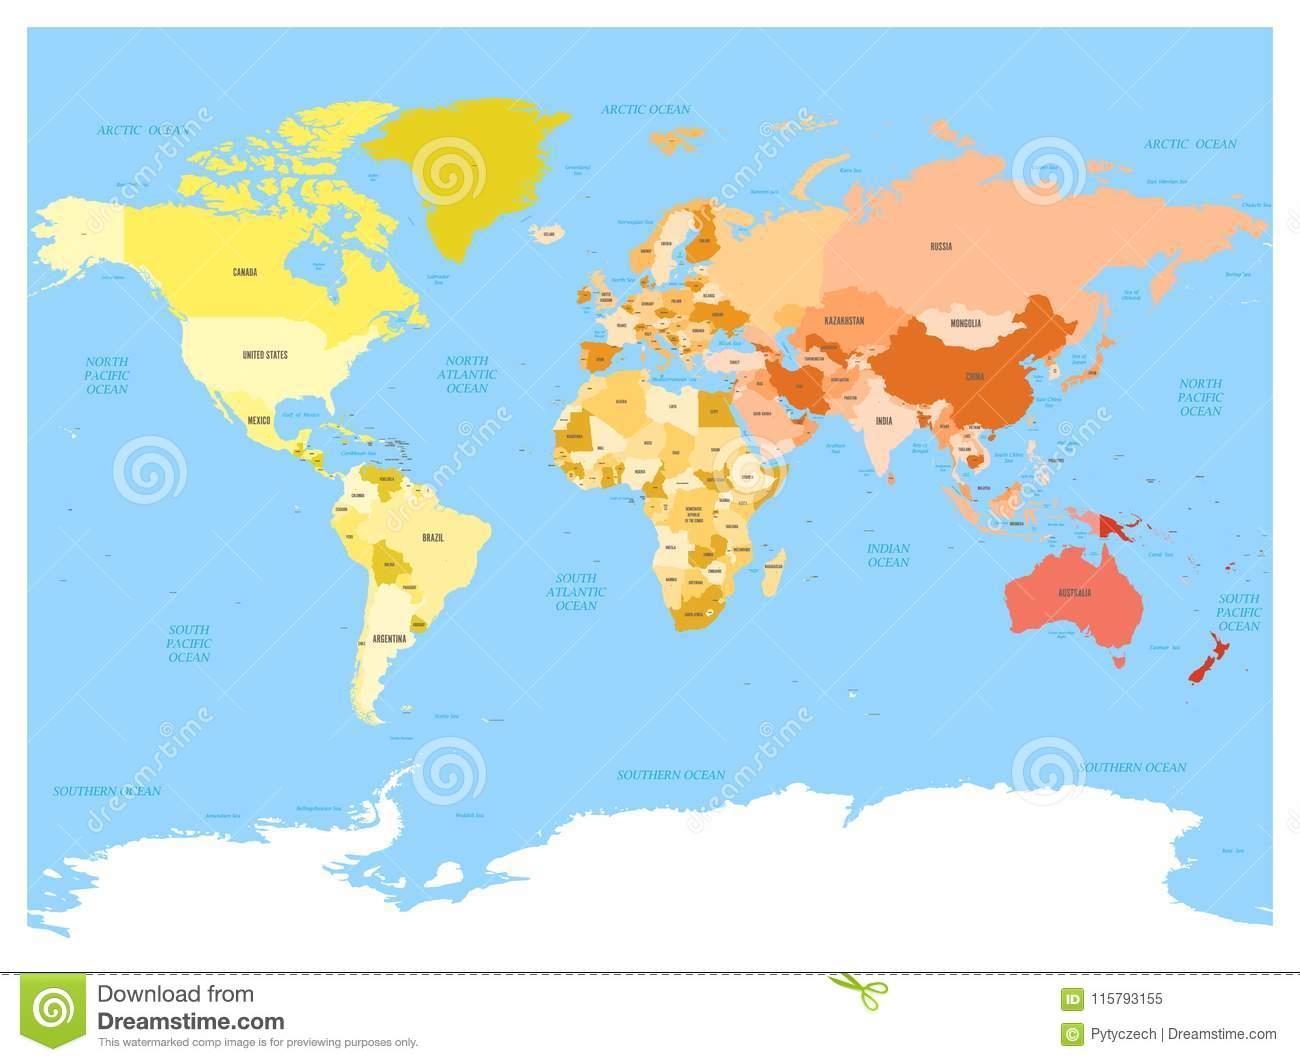 Carte Du Monde Avec Des Noms Des Pays Souverains Et Des Plus encequiconcerne Carte Du Monde Avec Capitales Et Pays